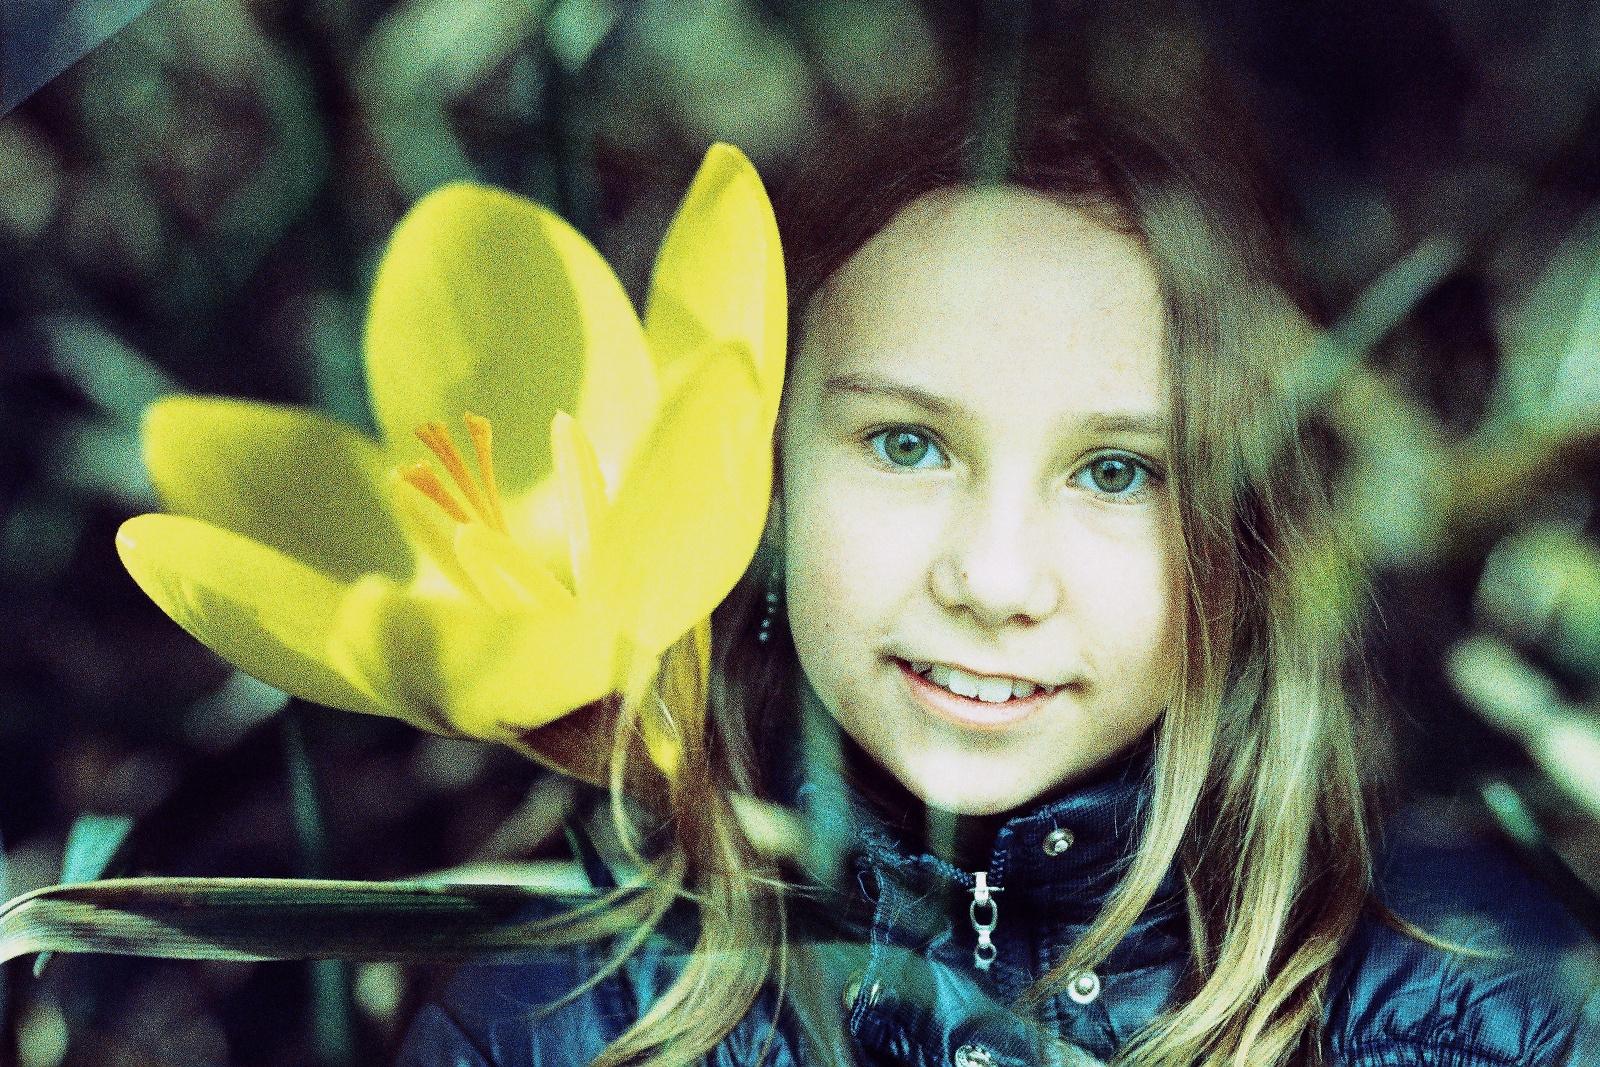 serko: Molli virág makróval 3. - indafoto.hu